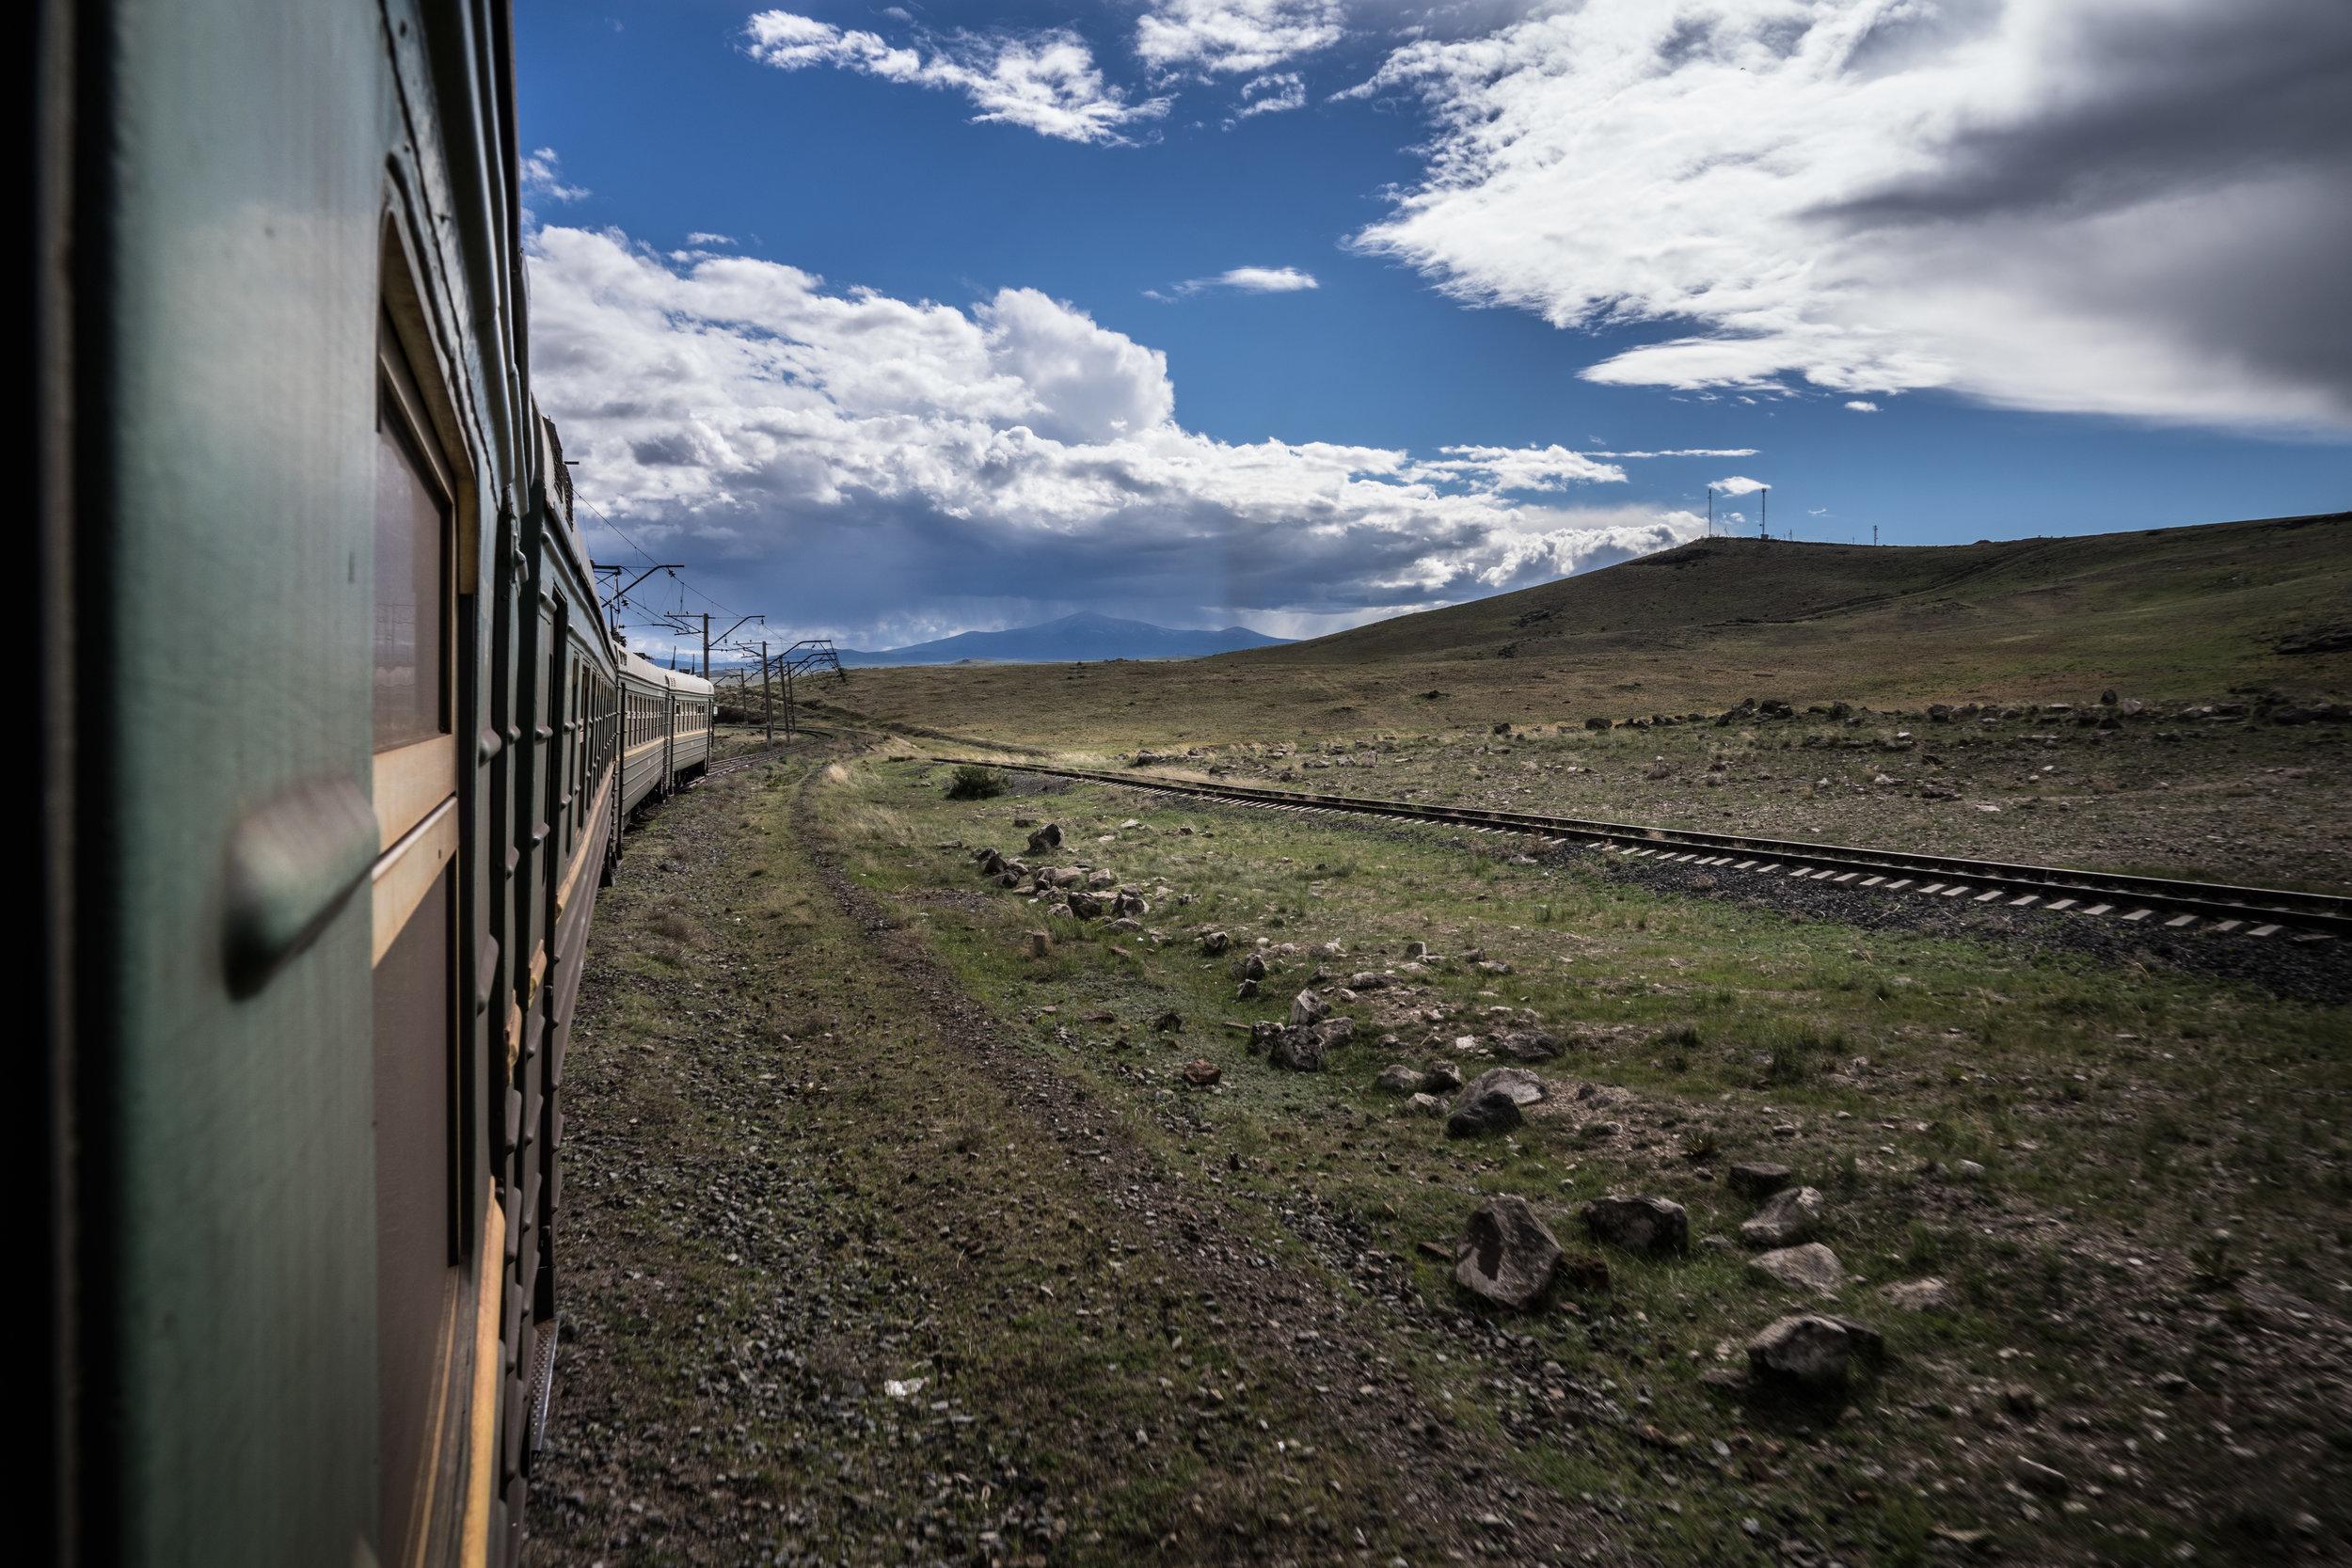 Trainride to Gyumri